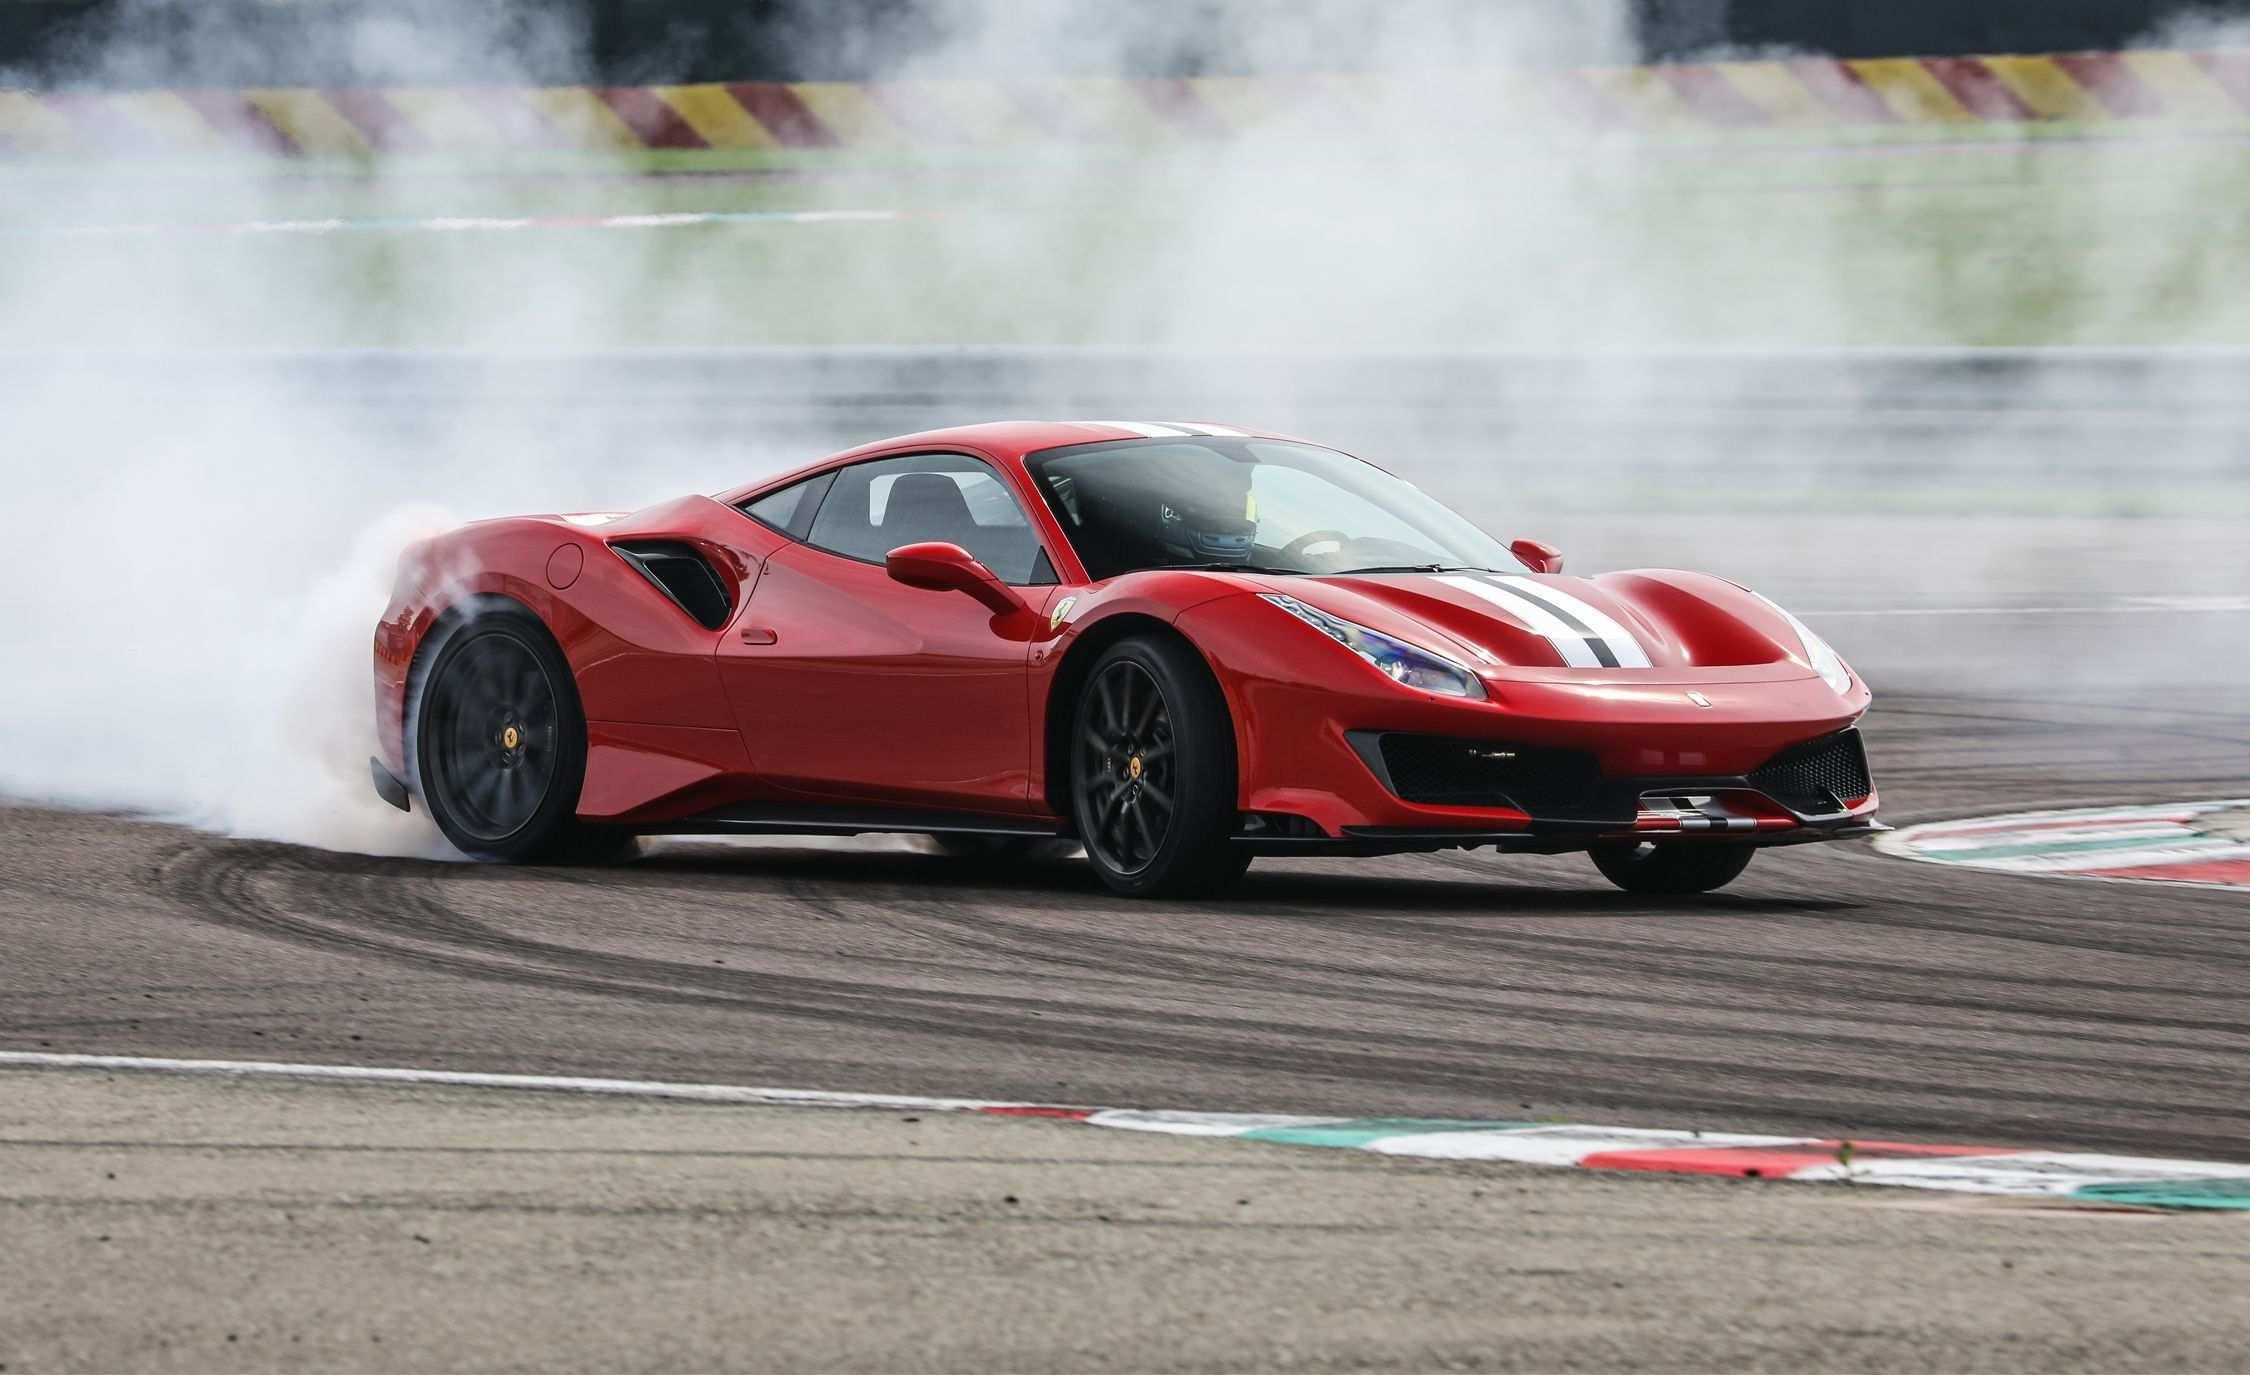 25 Great 2019 Ferrari 488 Pista Price Speed Test with 2019 Ferrari 488 Pista Price